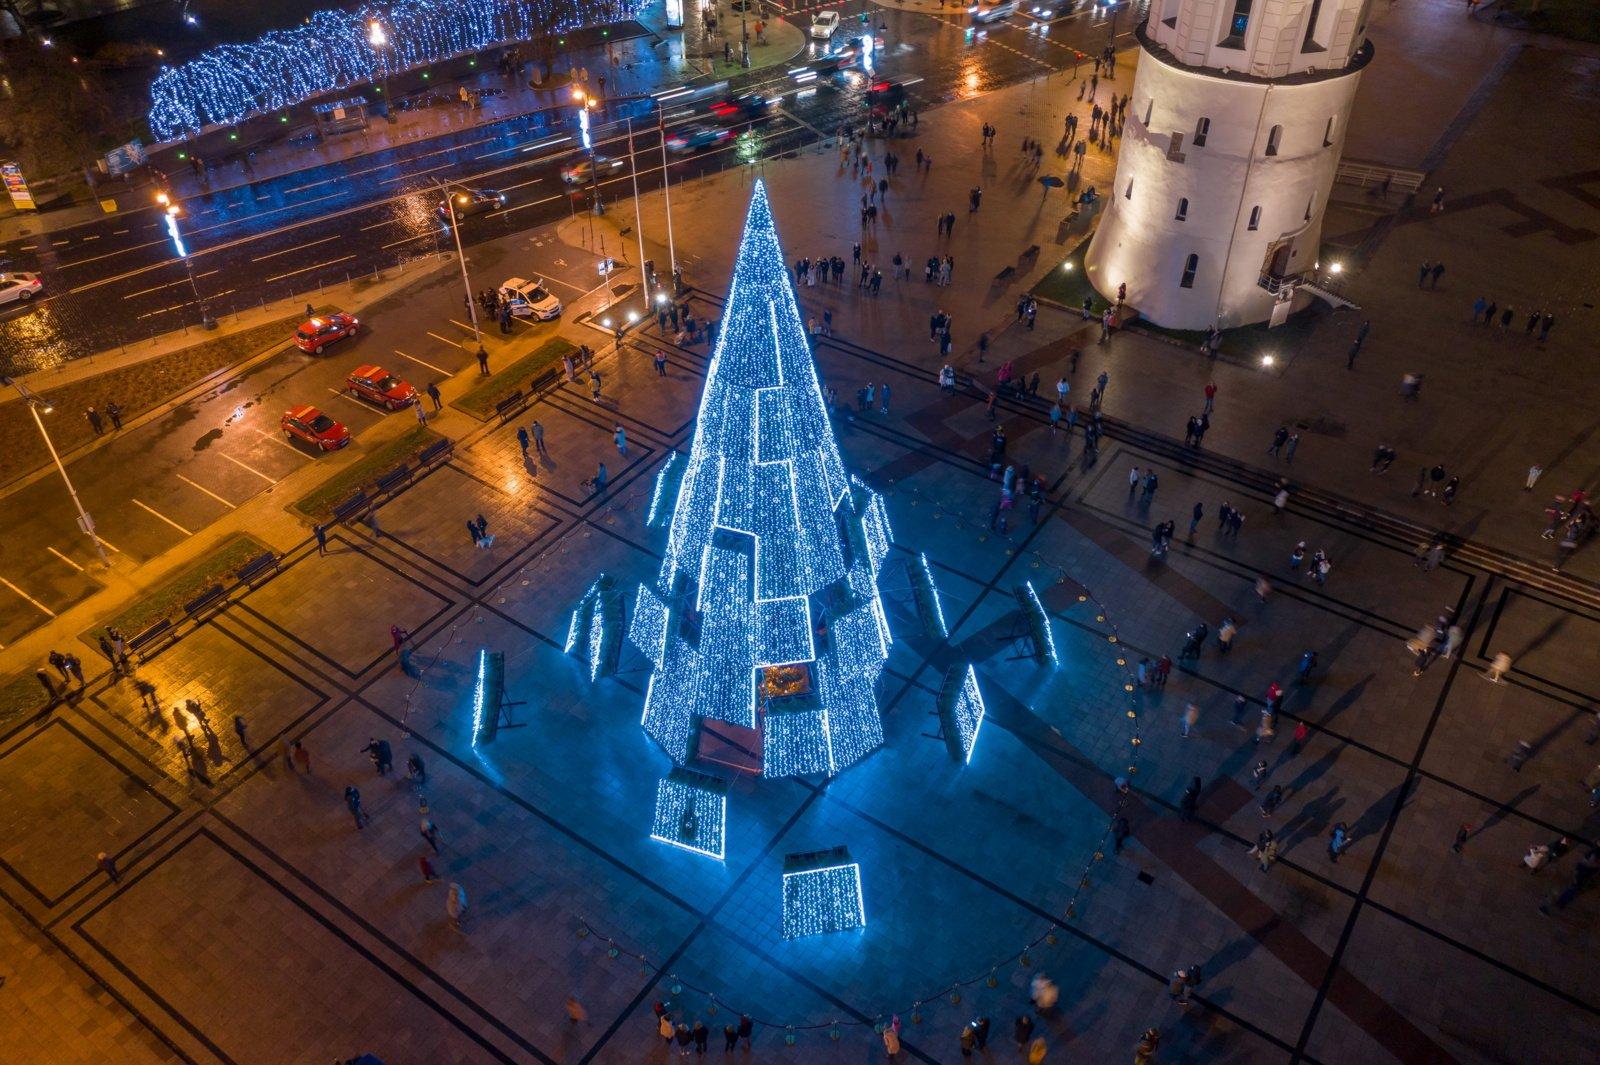 Saugios šventės Vilniuje: eglė internetu, judumo ribojimai centre